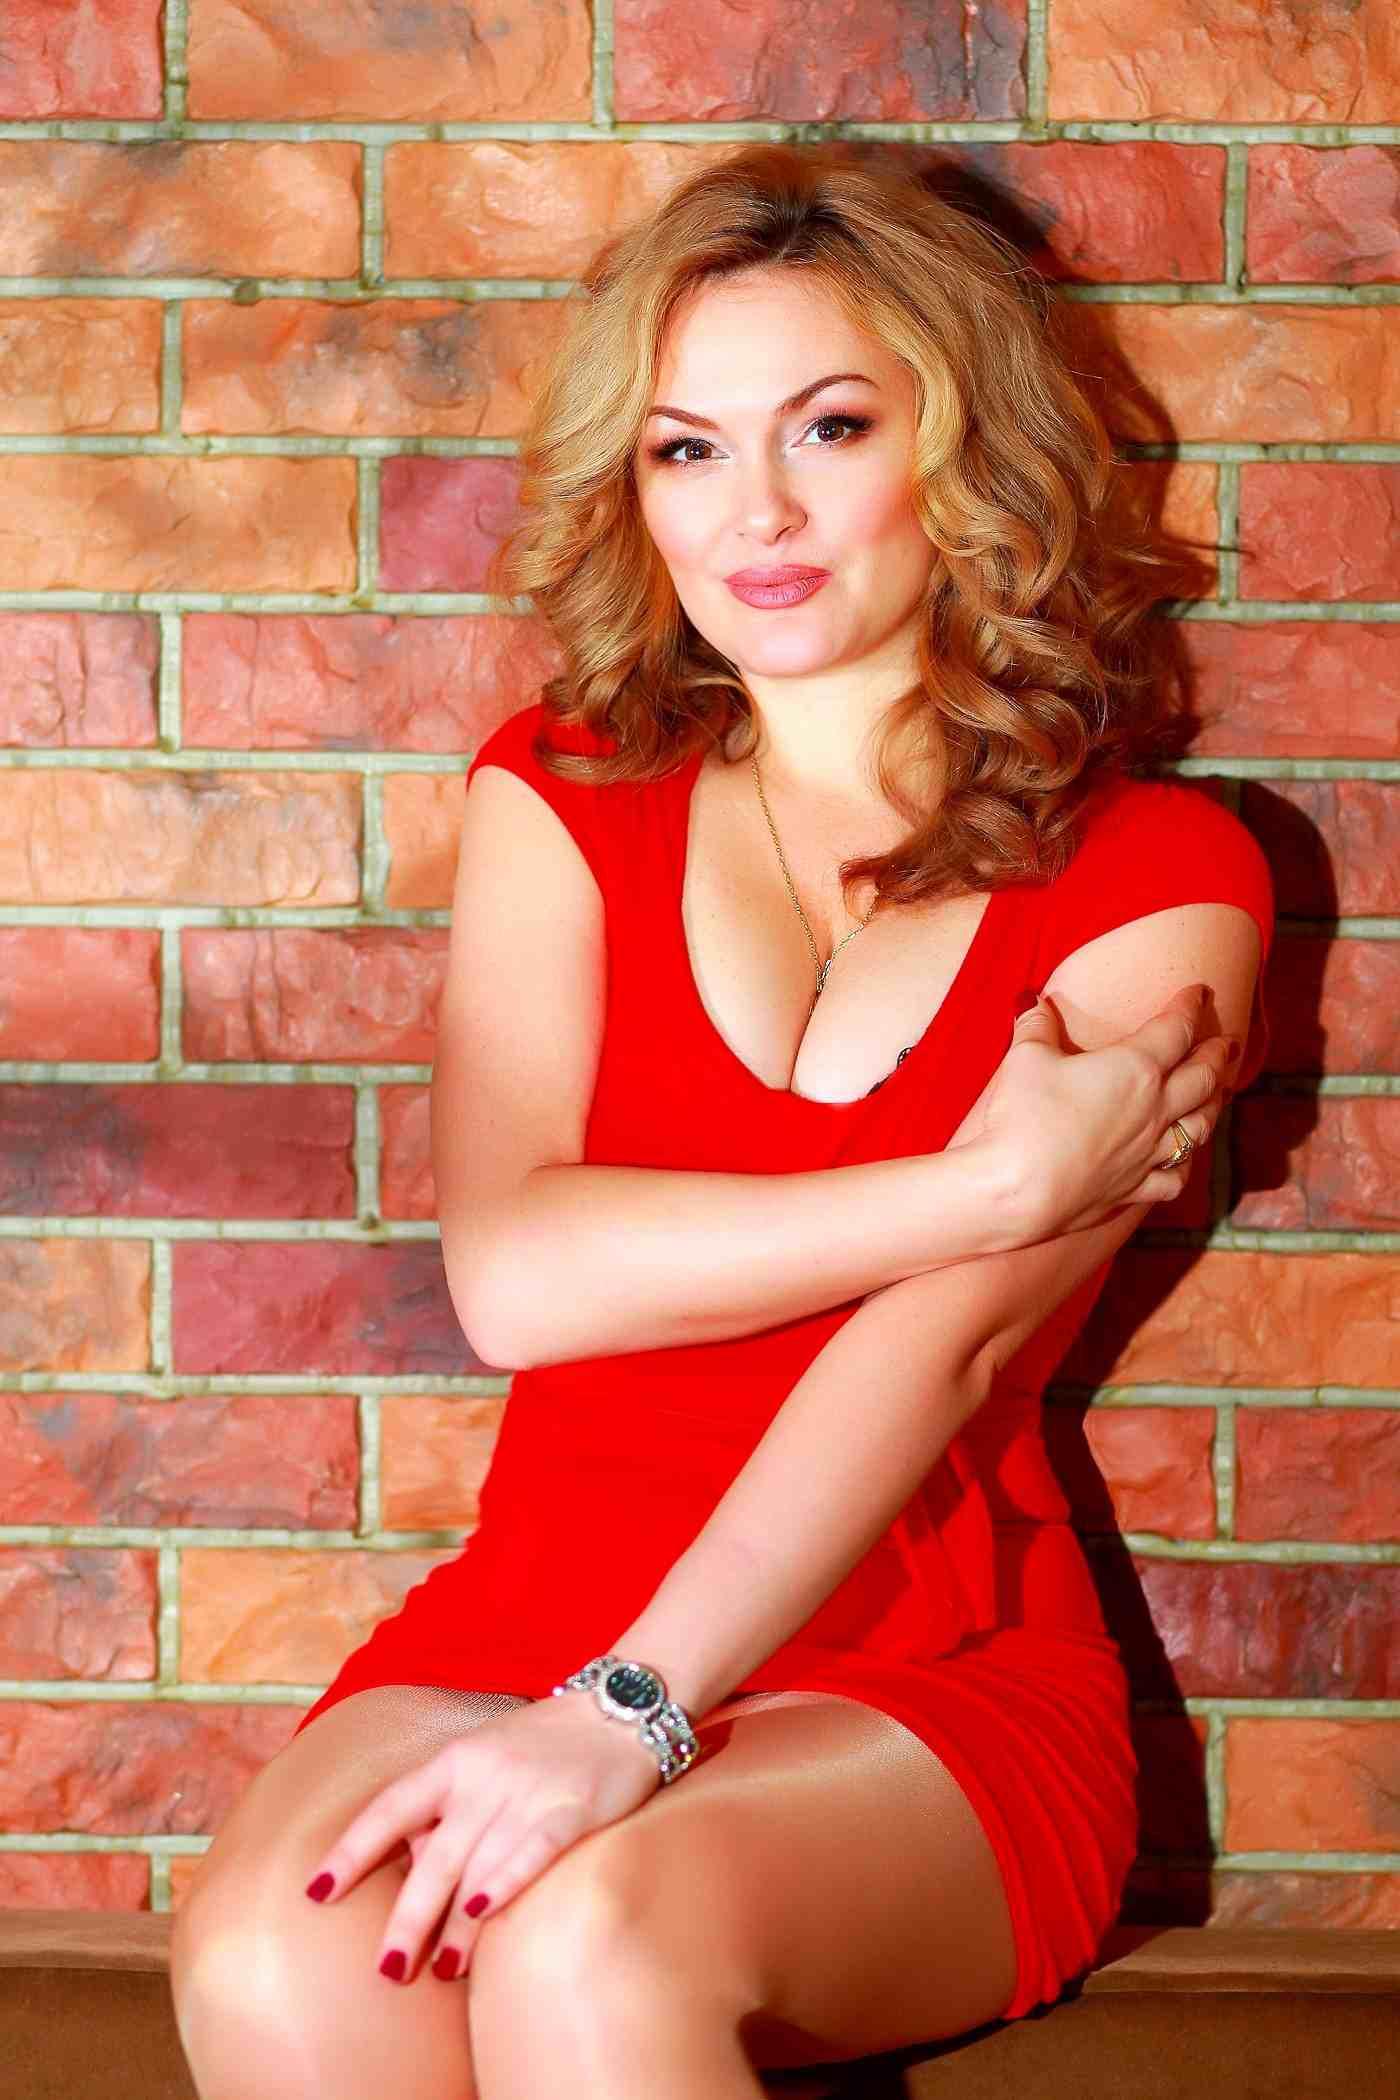 Gabriella lane